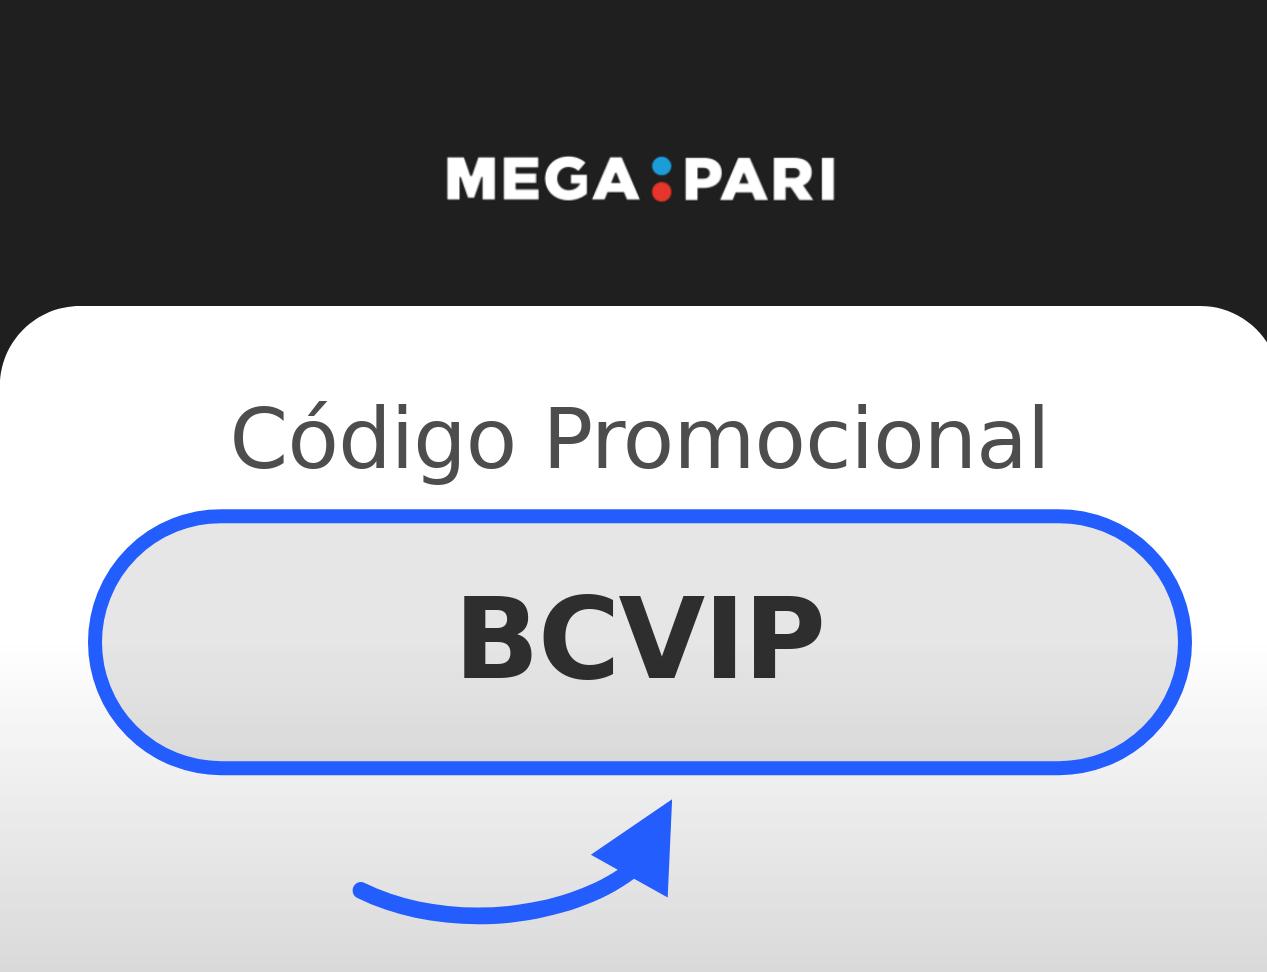 Código Promocional Megapari 2021